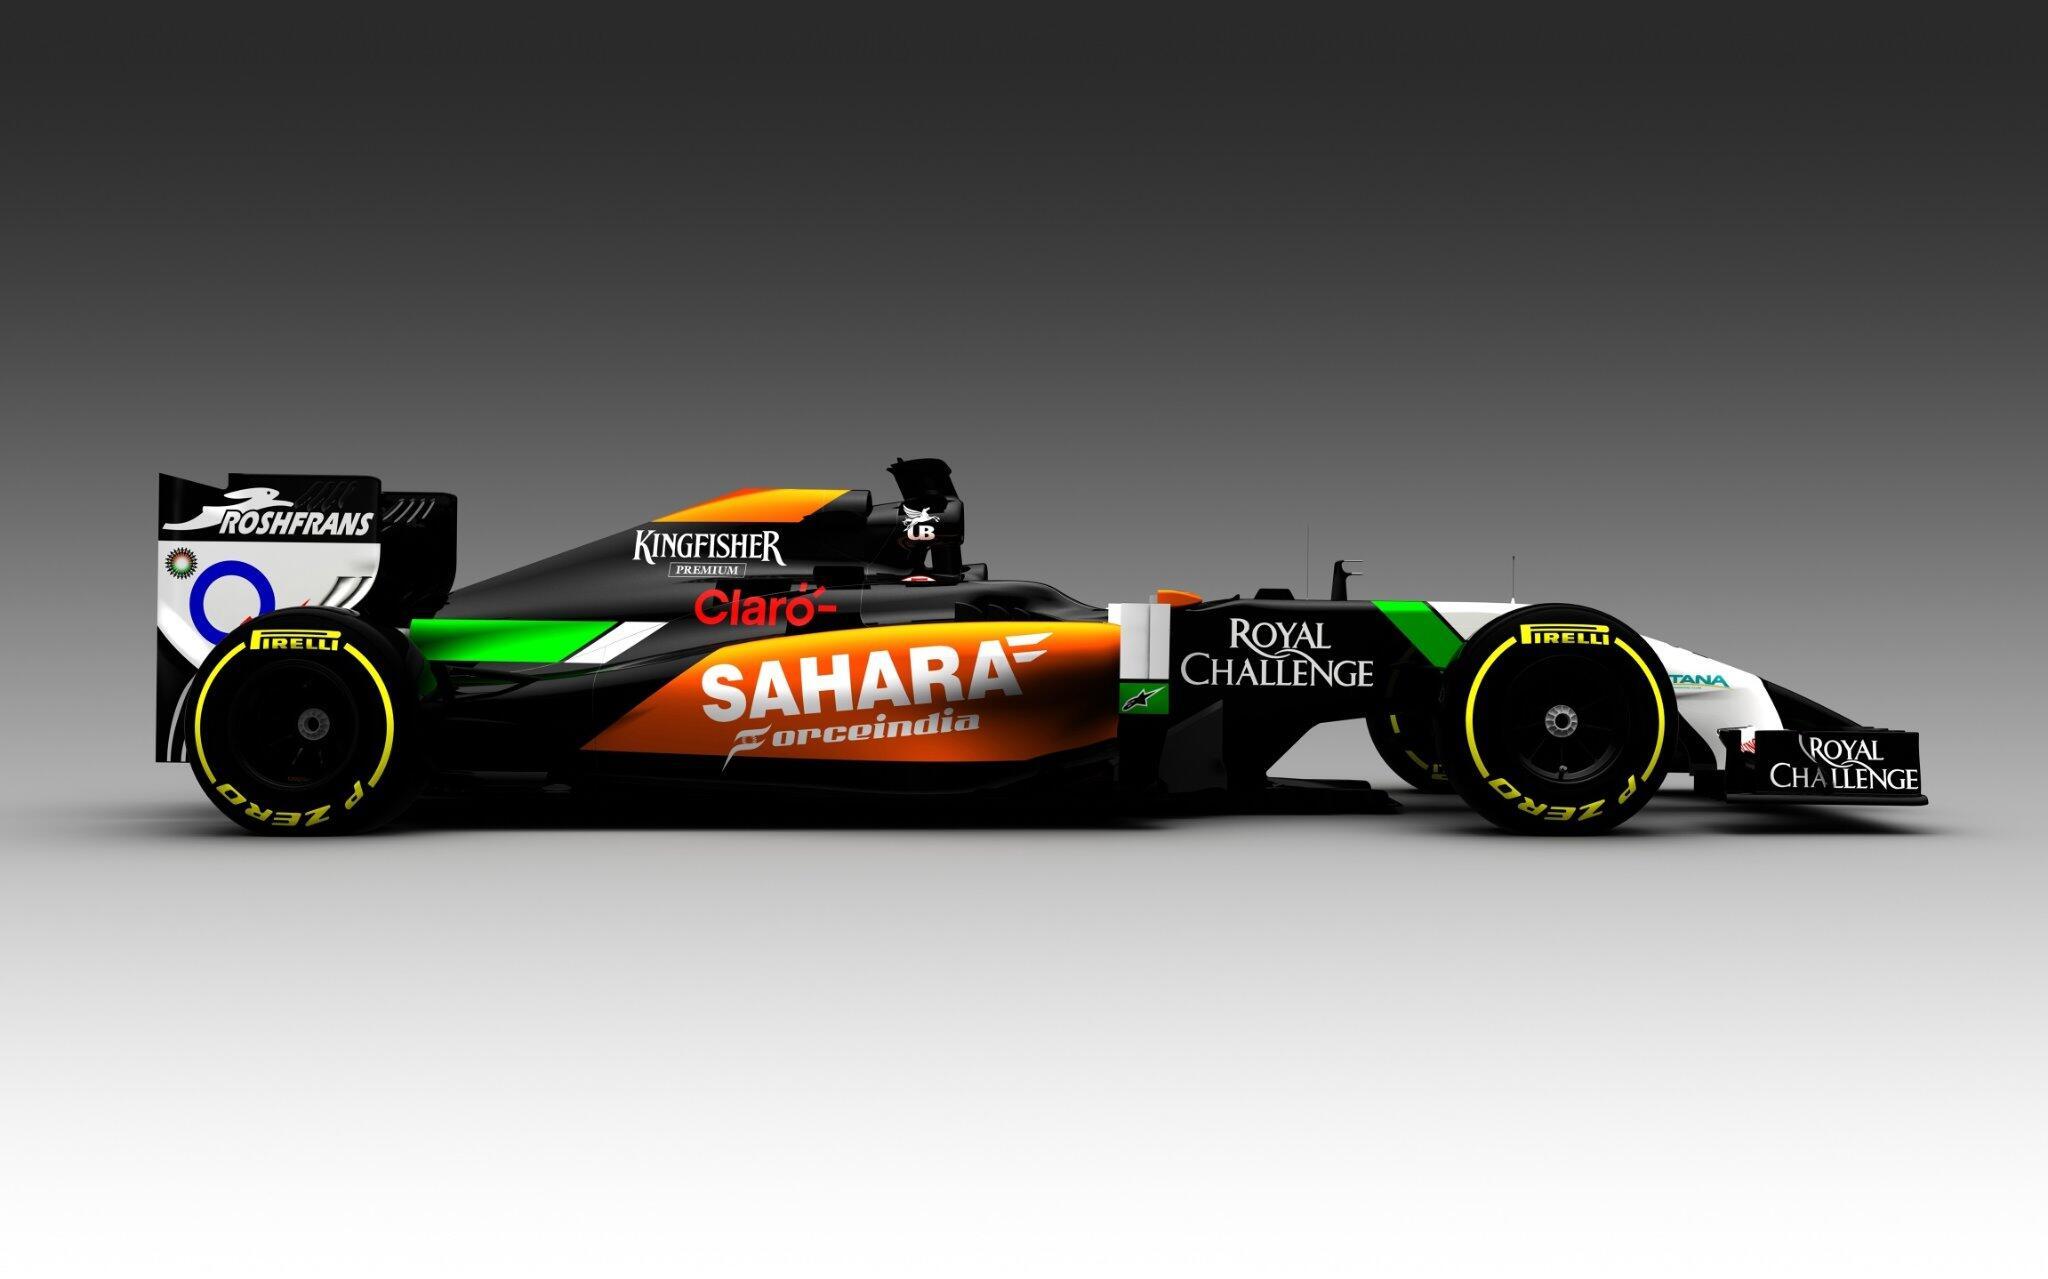 Fórmula 1, 2014 BekoH3aCEAAs2f1